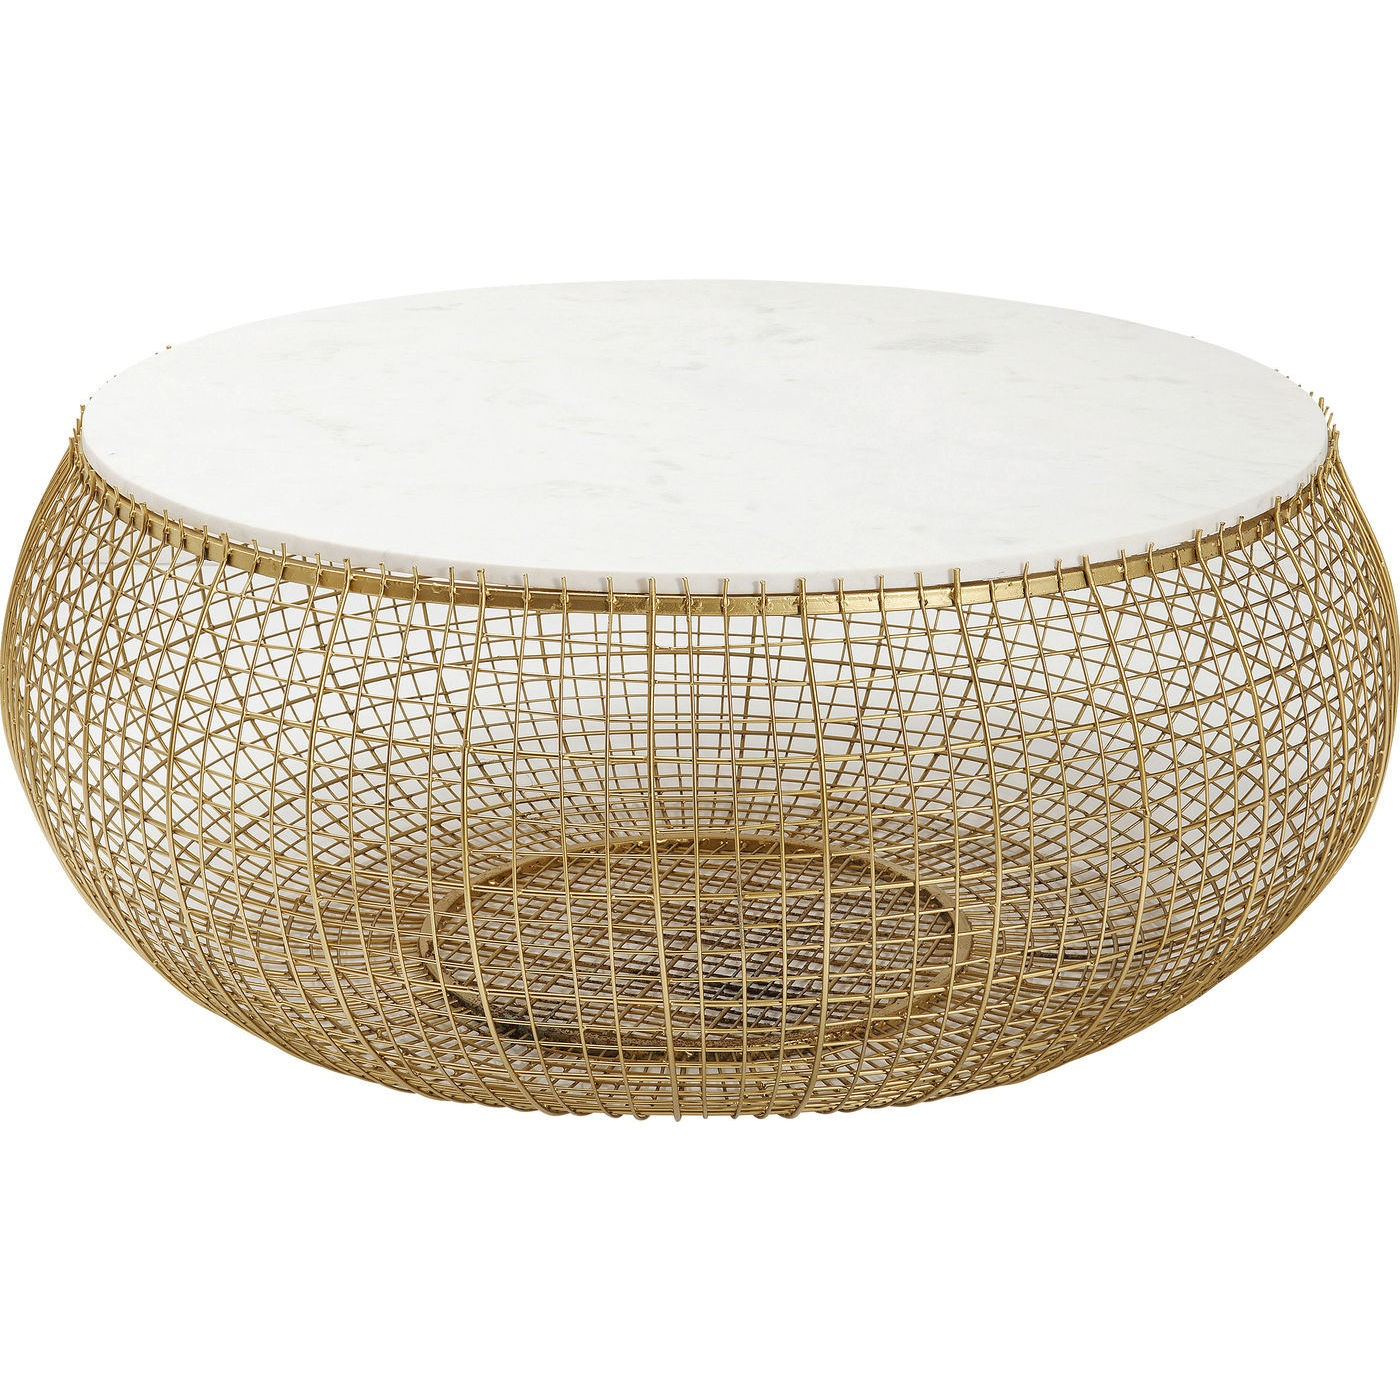 Table basse ronde en marbre blanc et acier doré